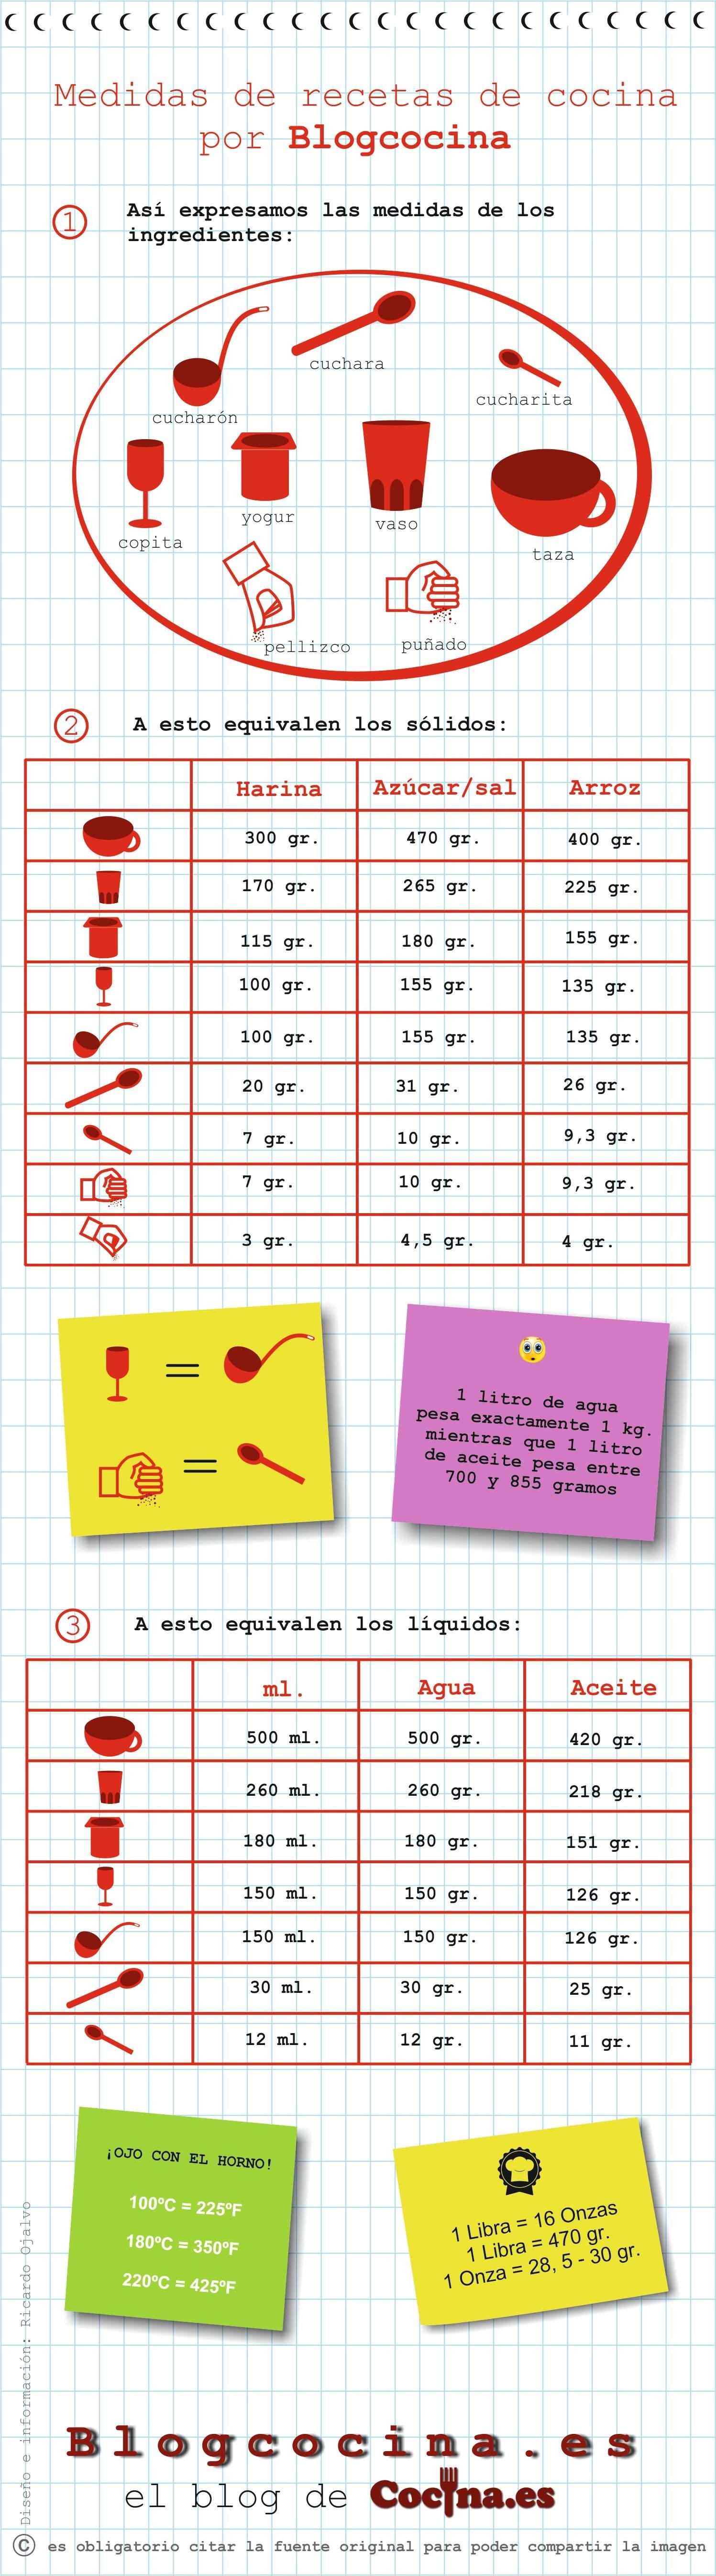 Medidas y pesos en recetas de cocina tabla de conversin for Peso de cocina